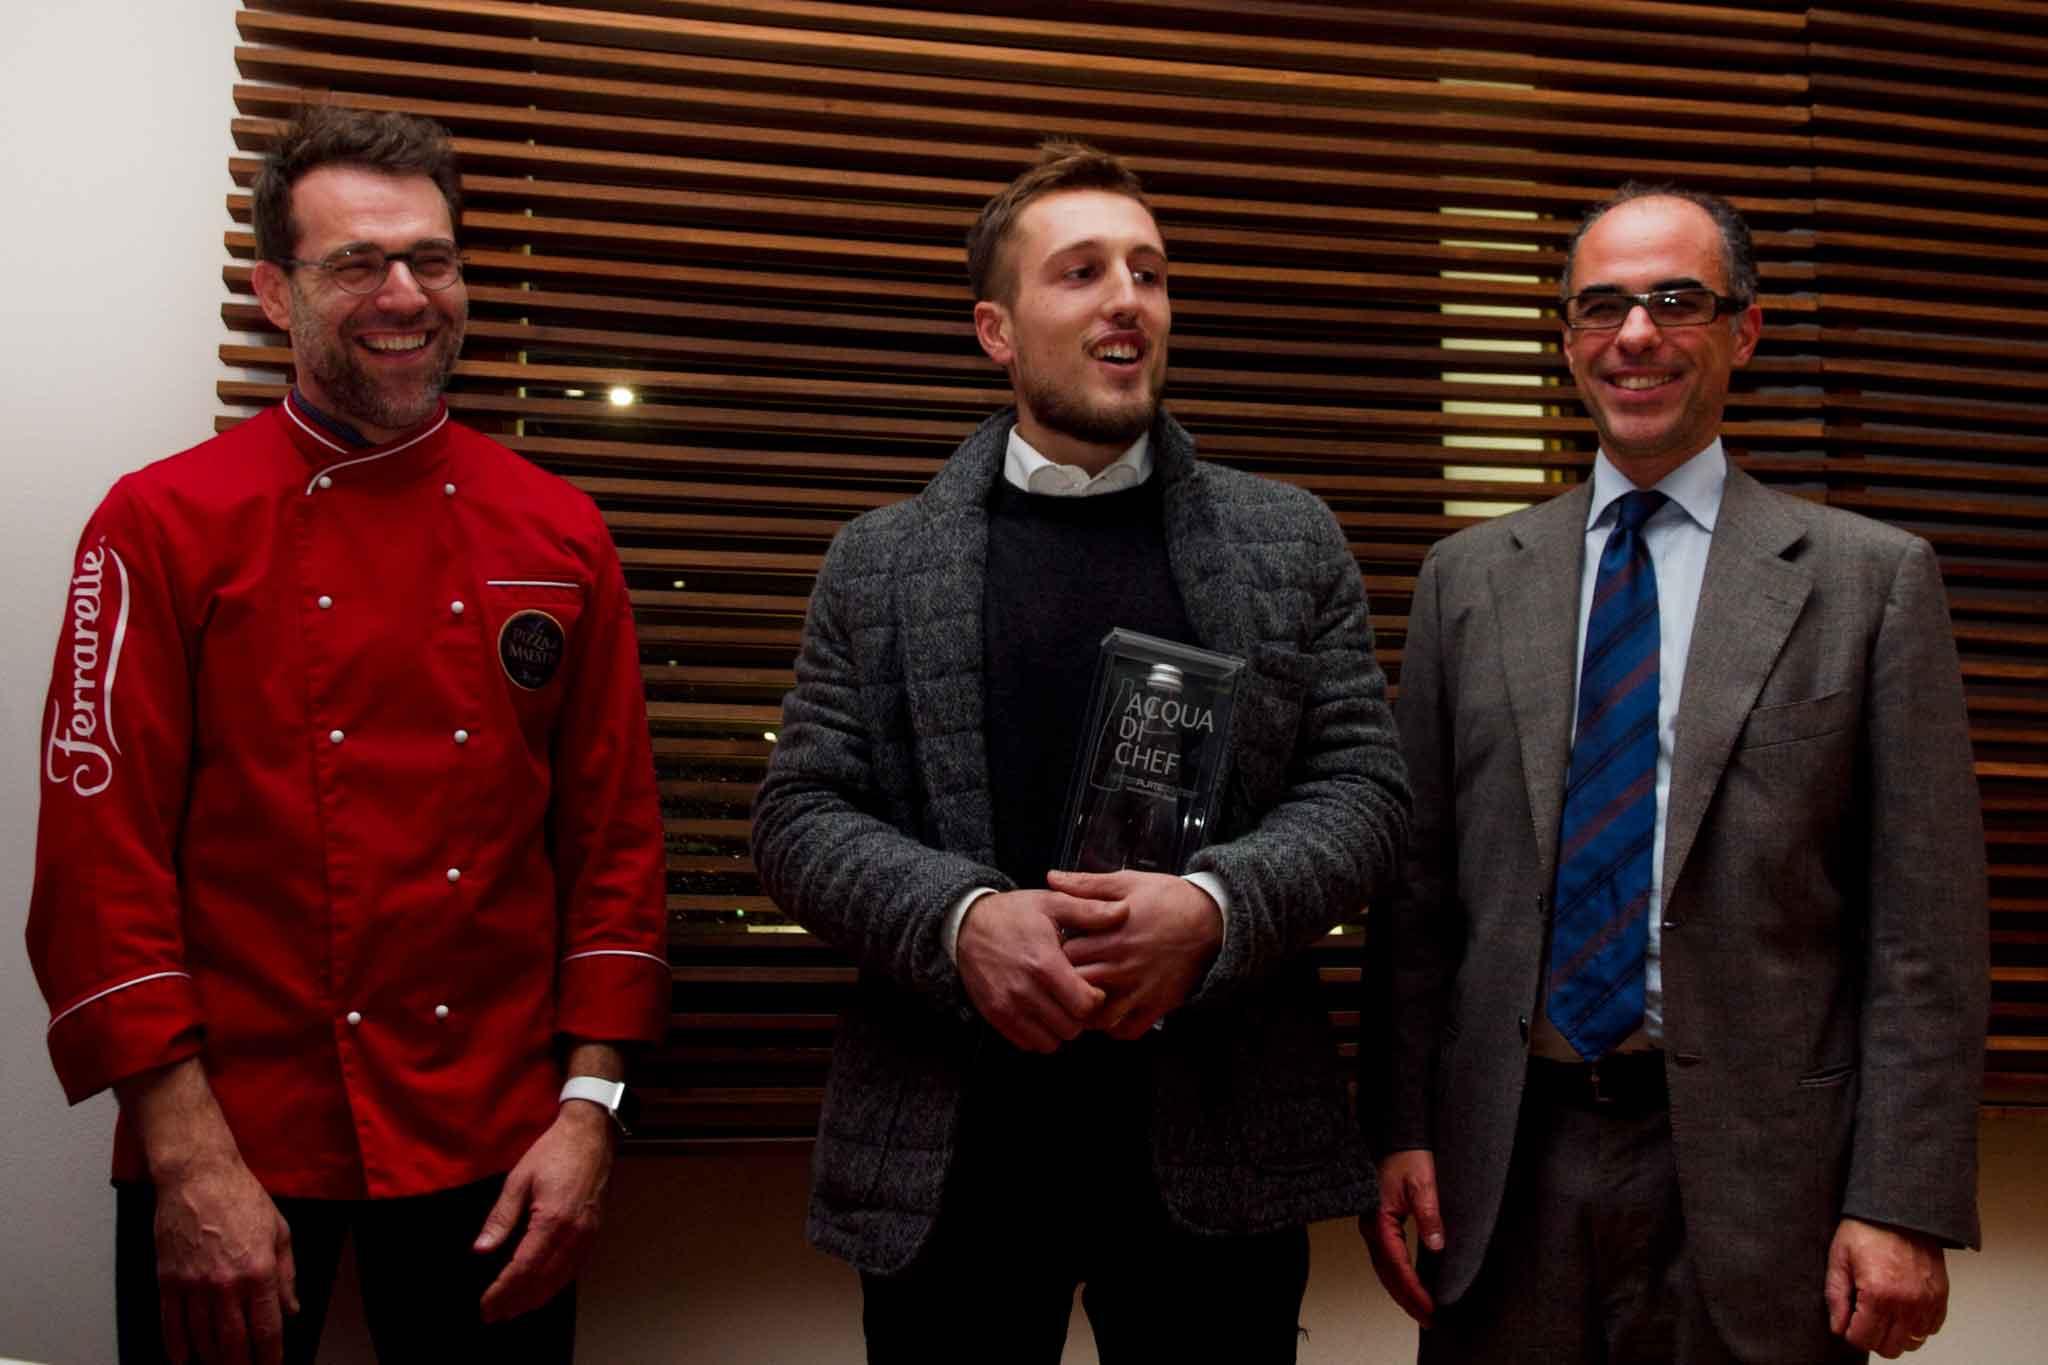 renato-bosco-antimo-caputo-alberto-morello-acqua-di-chef